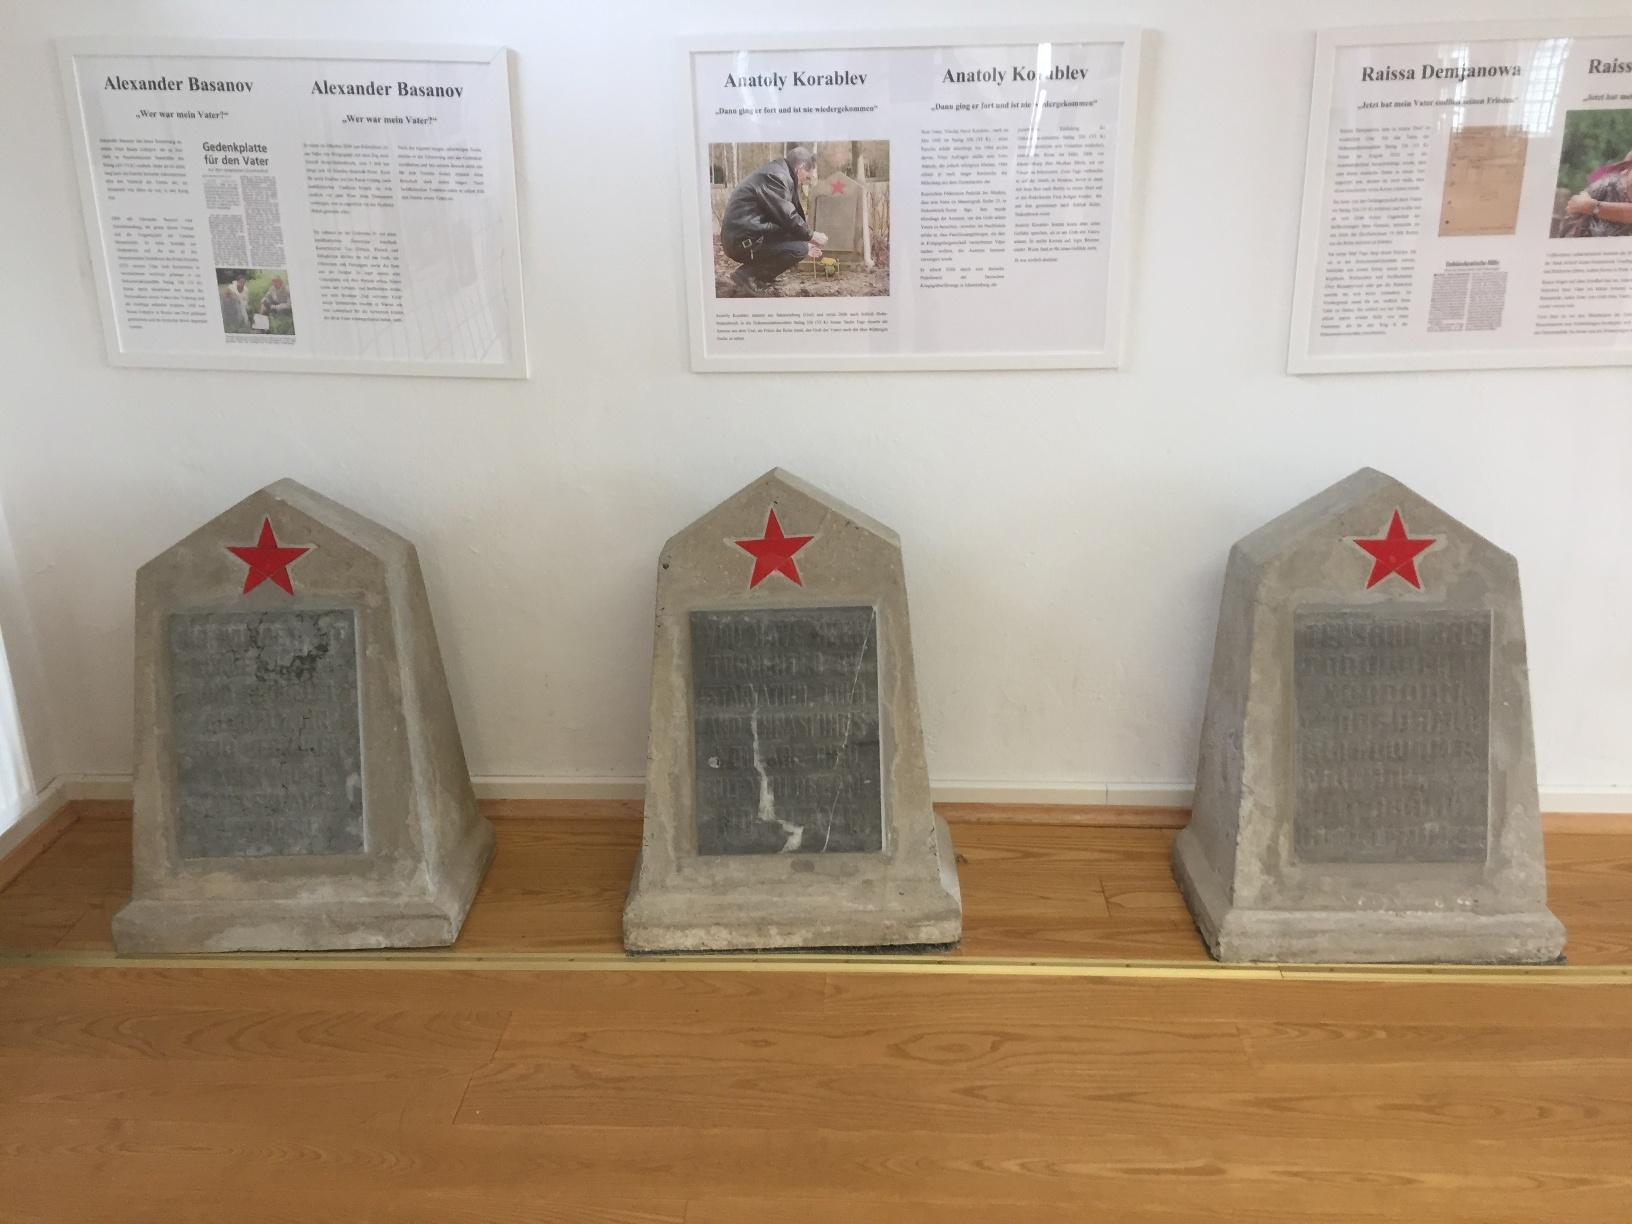 Grabsteine in der Gedenkstätte Stalag 326 VIK